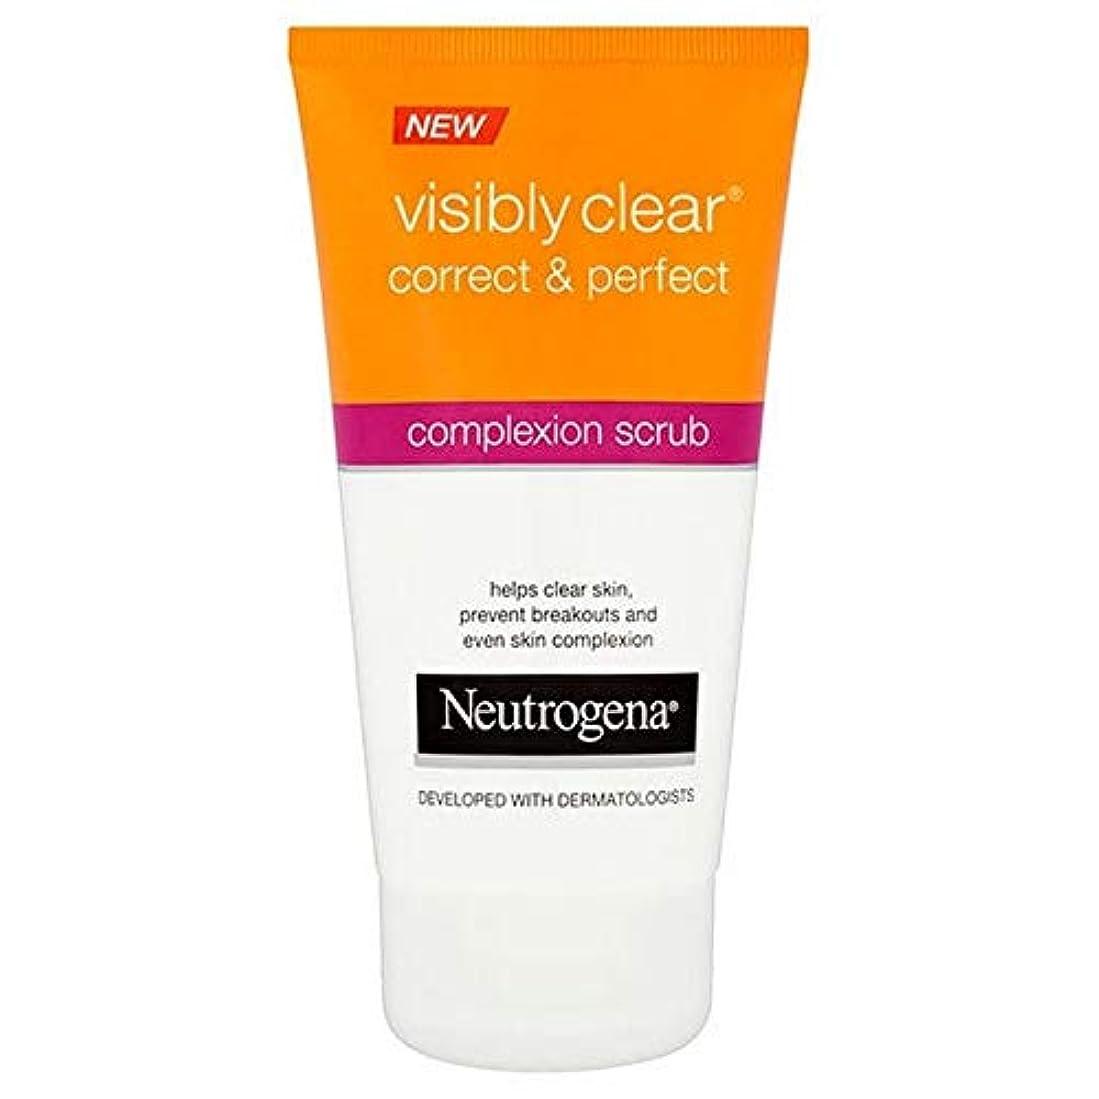 アルコール鋸歯状助けになる[Neutrogena] ニュートロジーナ目に見えて明らかに正しいと完璧な顔色スクラブ - Neutrogena Visibly Clear Correct & Perfect Complexion Scrub [並行輸入品]